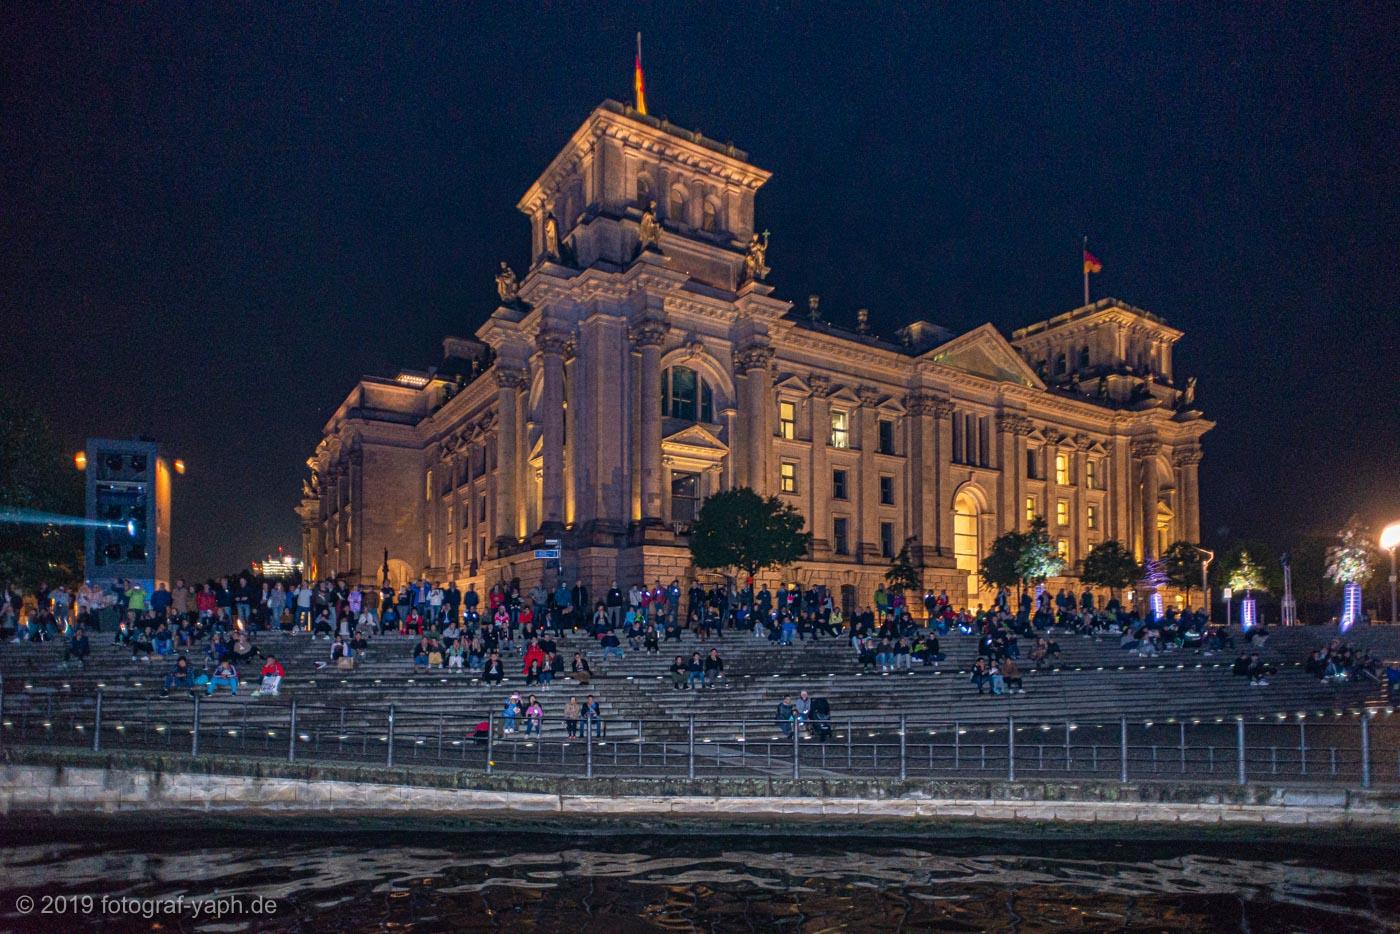 Der Deutsche Bundestag gesehen vom Spree,  fotografiert von Fotograf Yaph, Yousef A.P. Hakimi